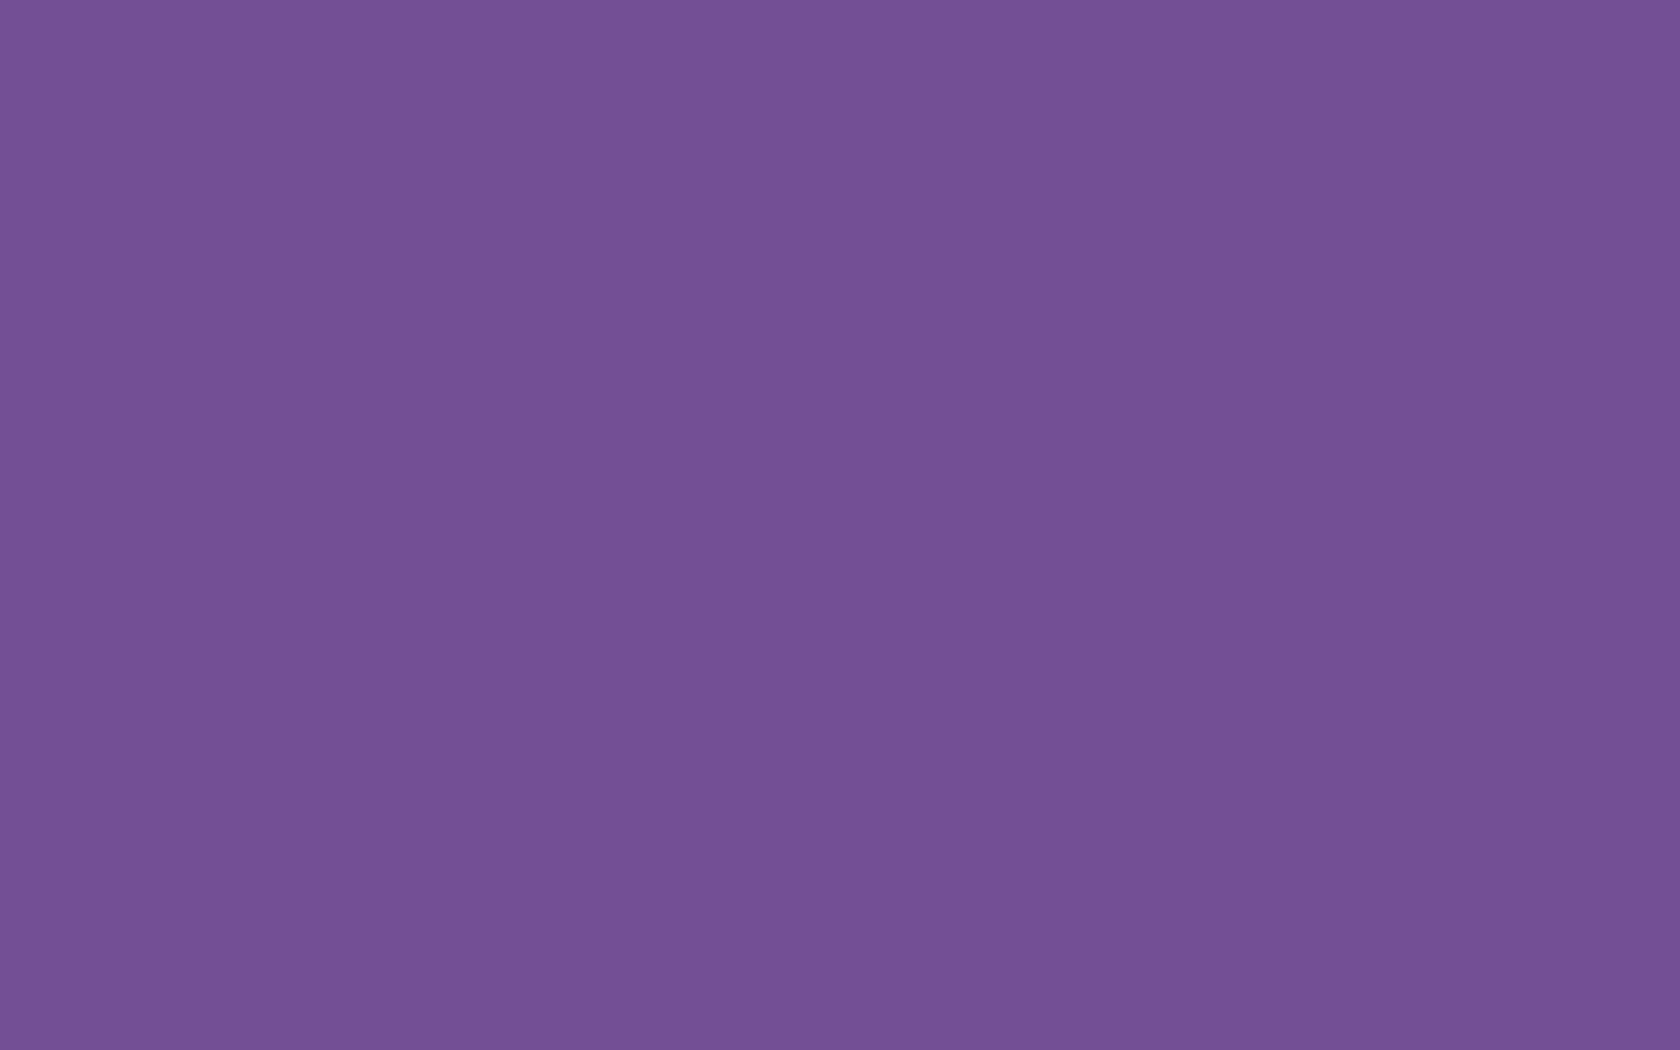 1680x1050 Dark Lavender Solid Color Background